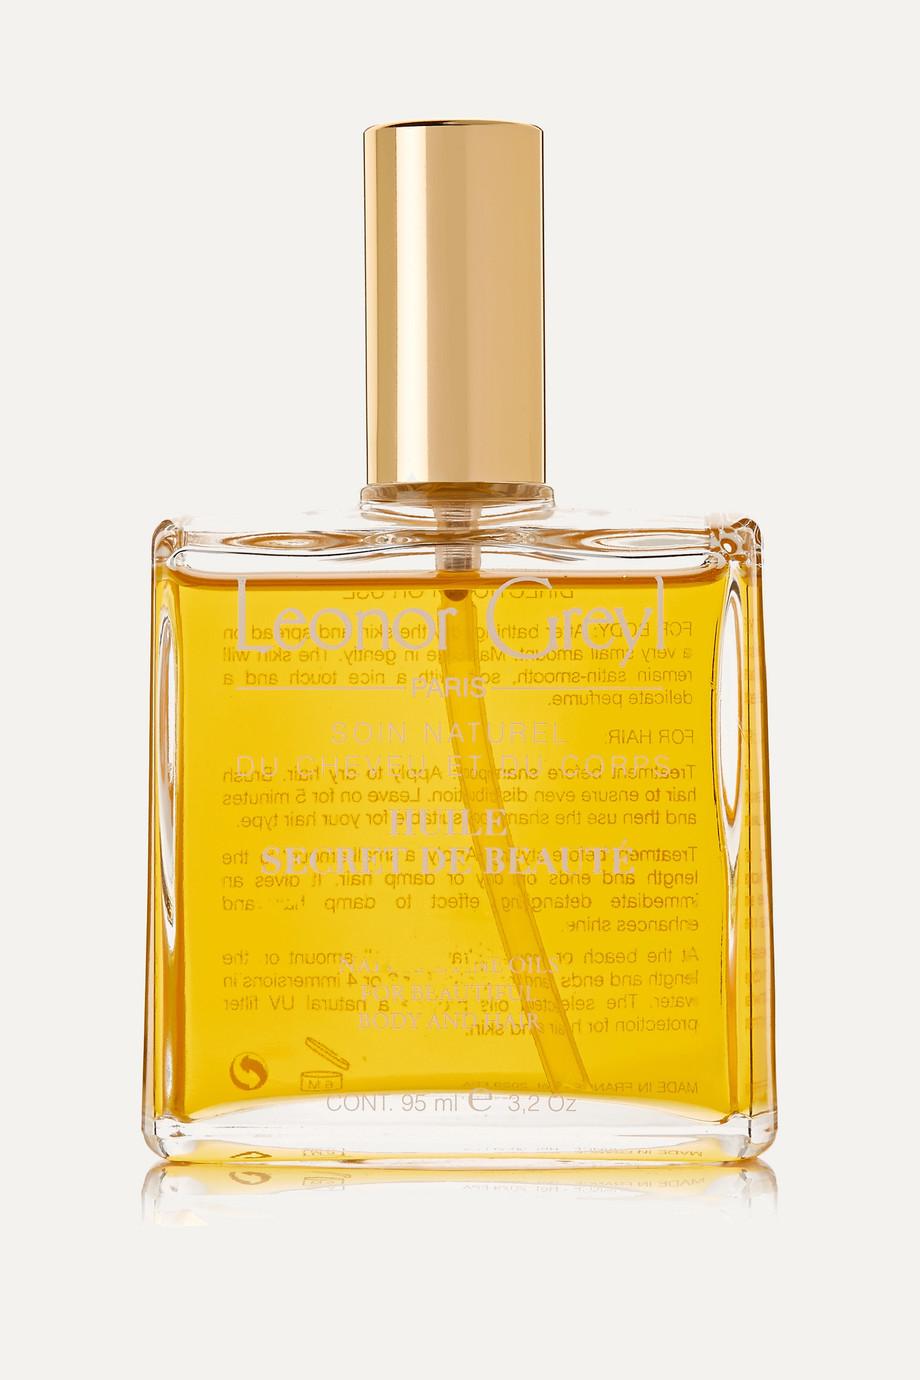 Huile Secret De Beauté, 95ml, by Leonor Greyl